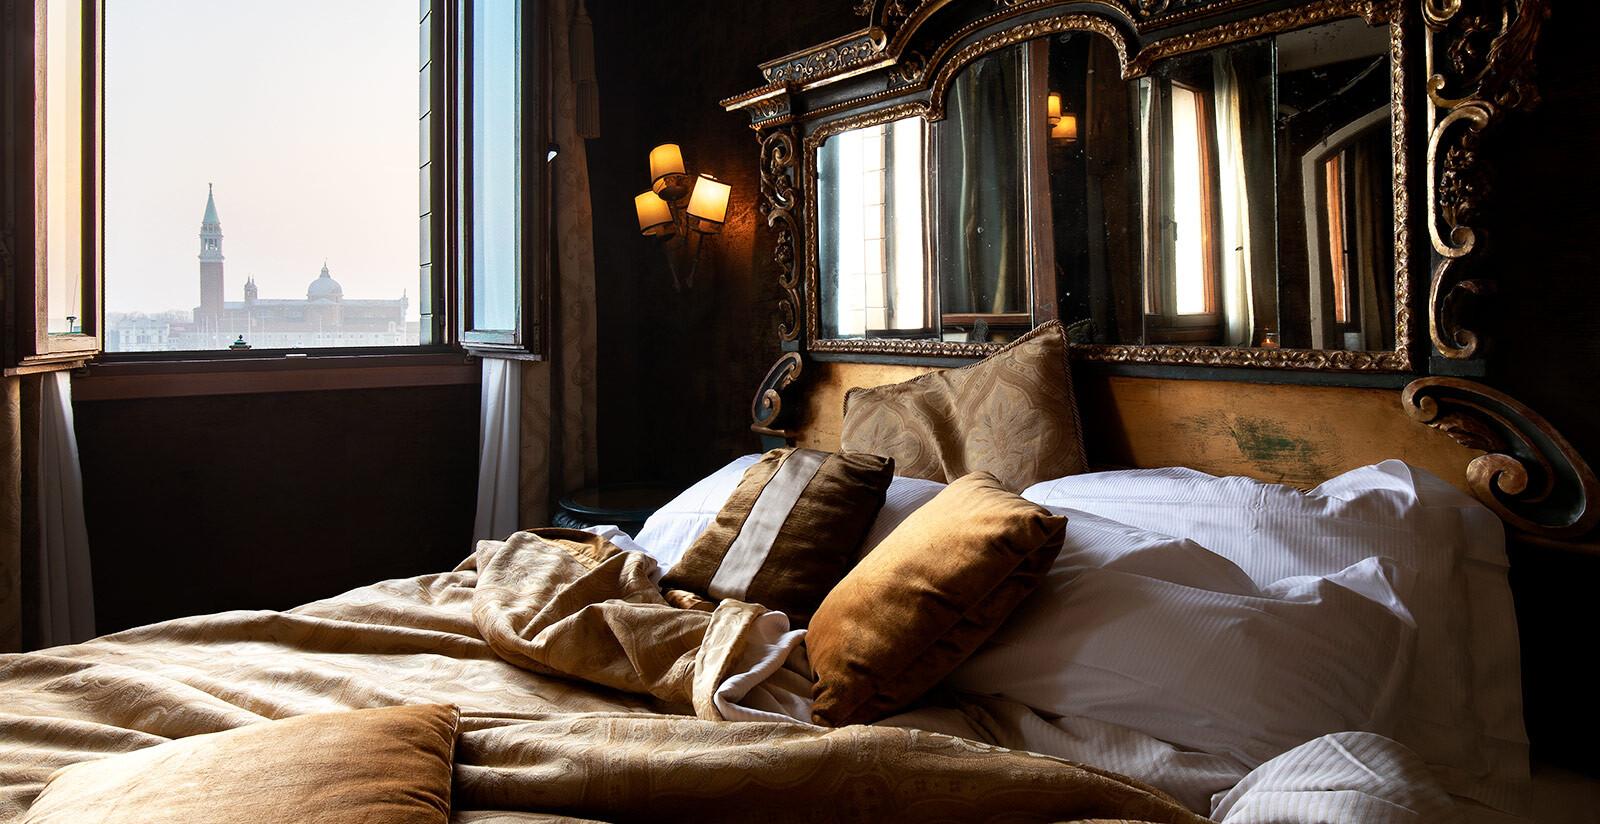 Suite tipica veneziana dell'Hotel Metropole.